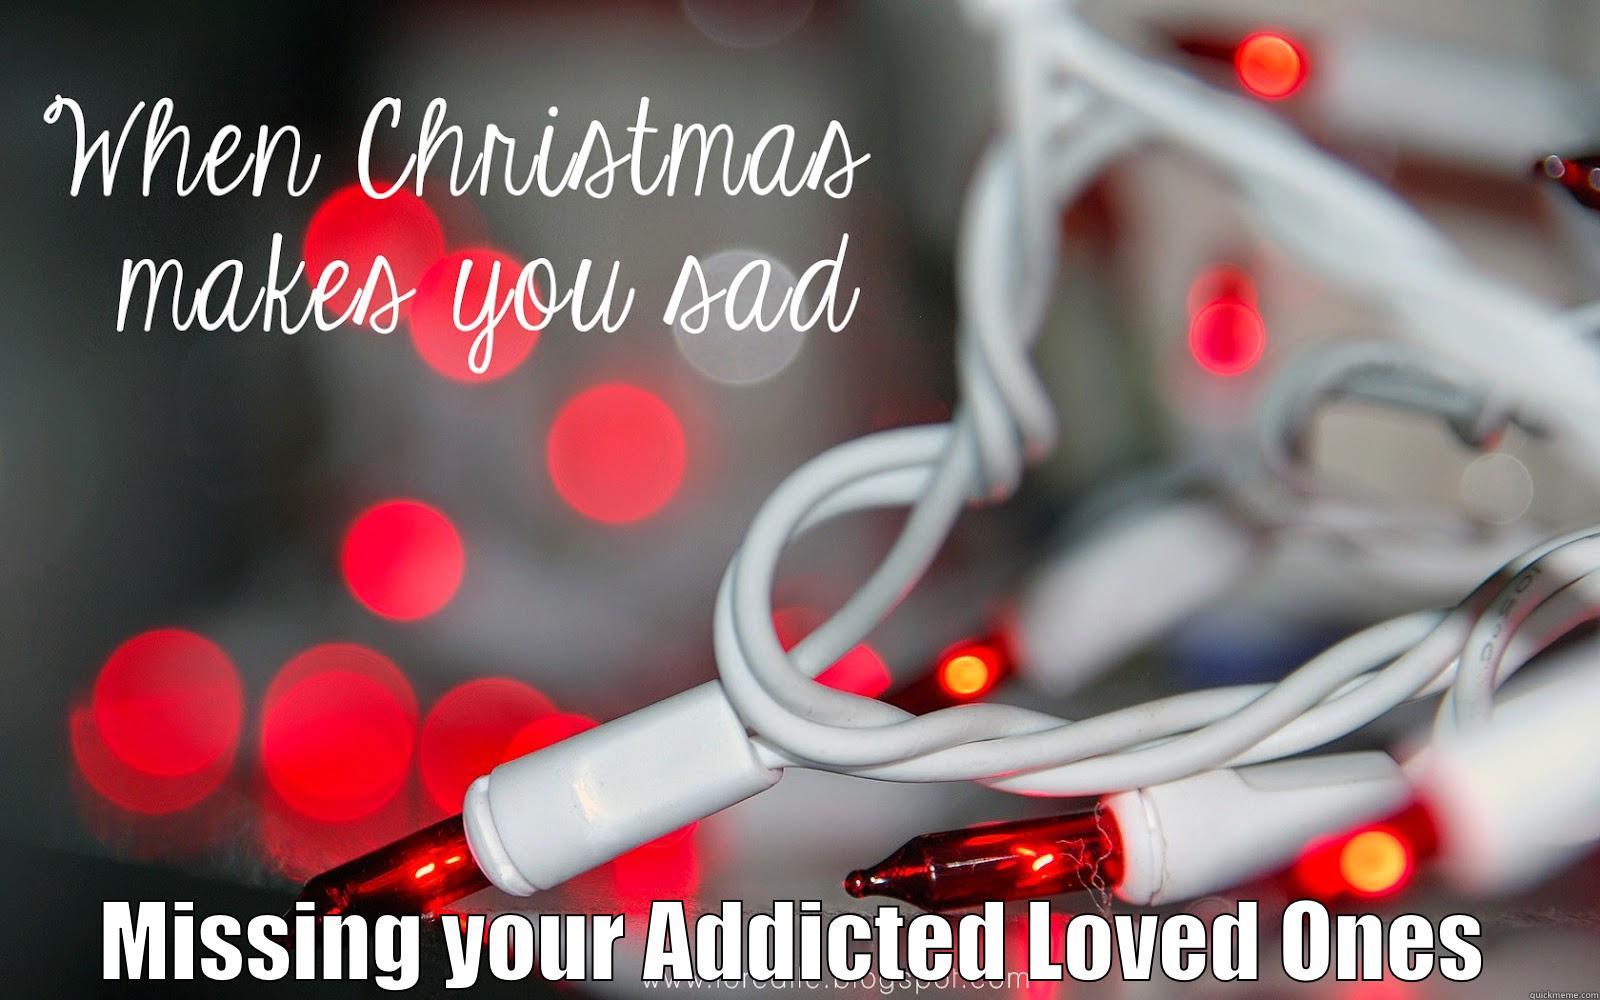 Super Sad Christmas Quickmeme